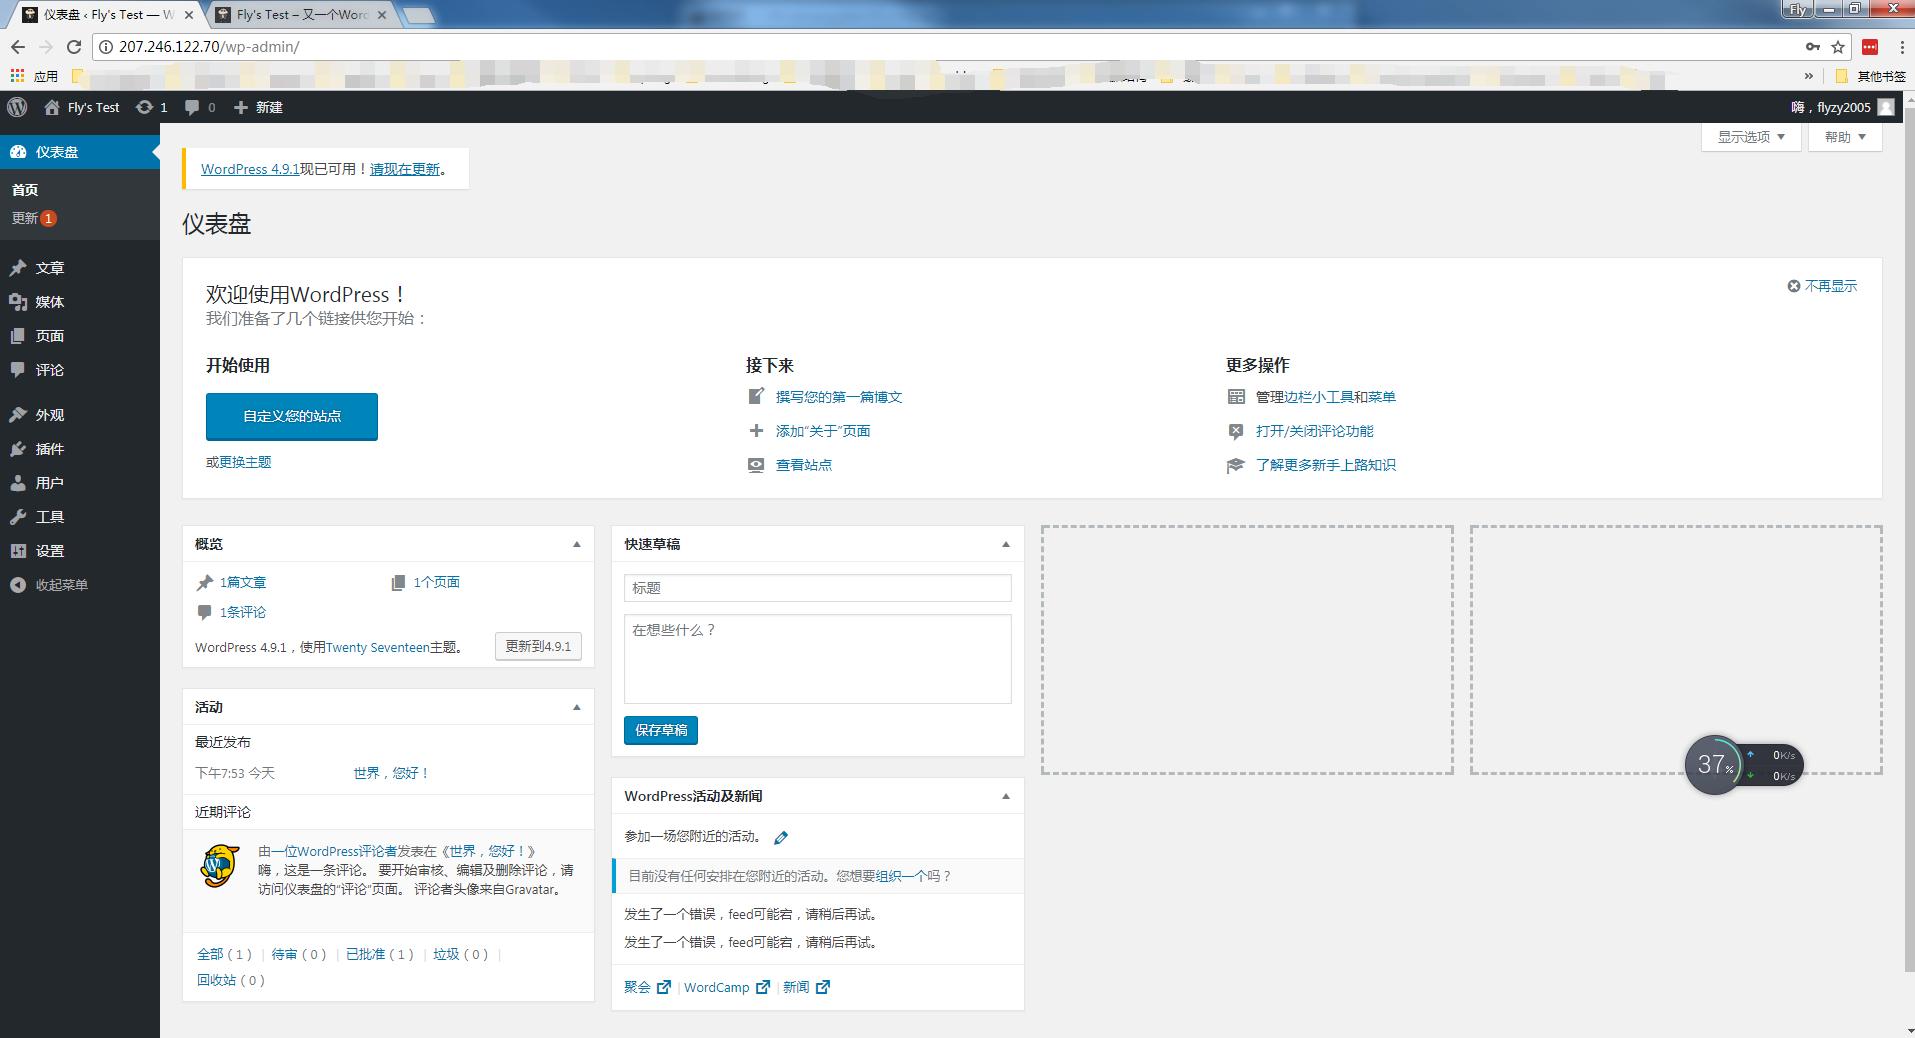 《建站教程(3):基于Nginx部署WordPress》